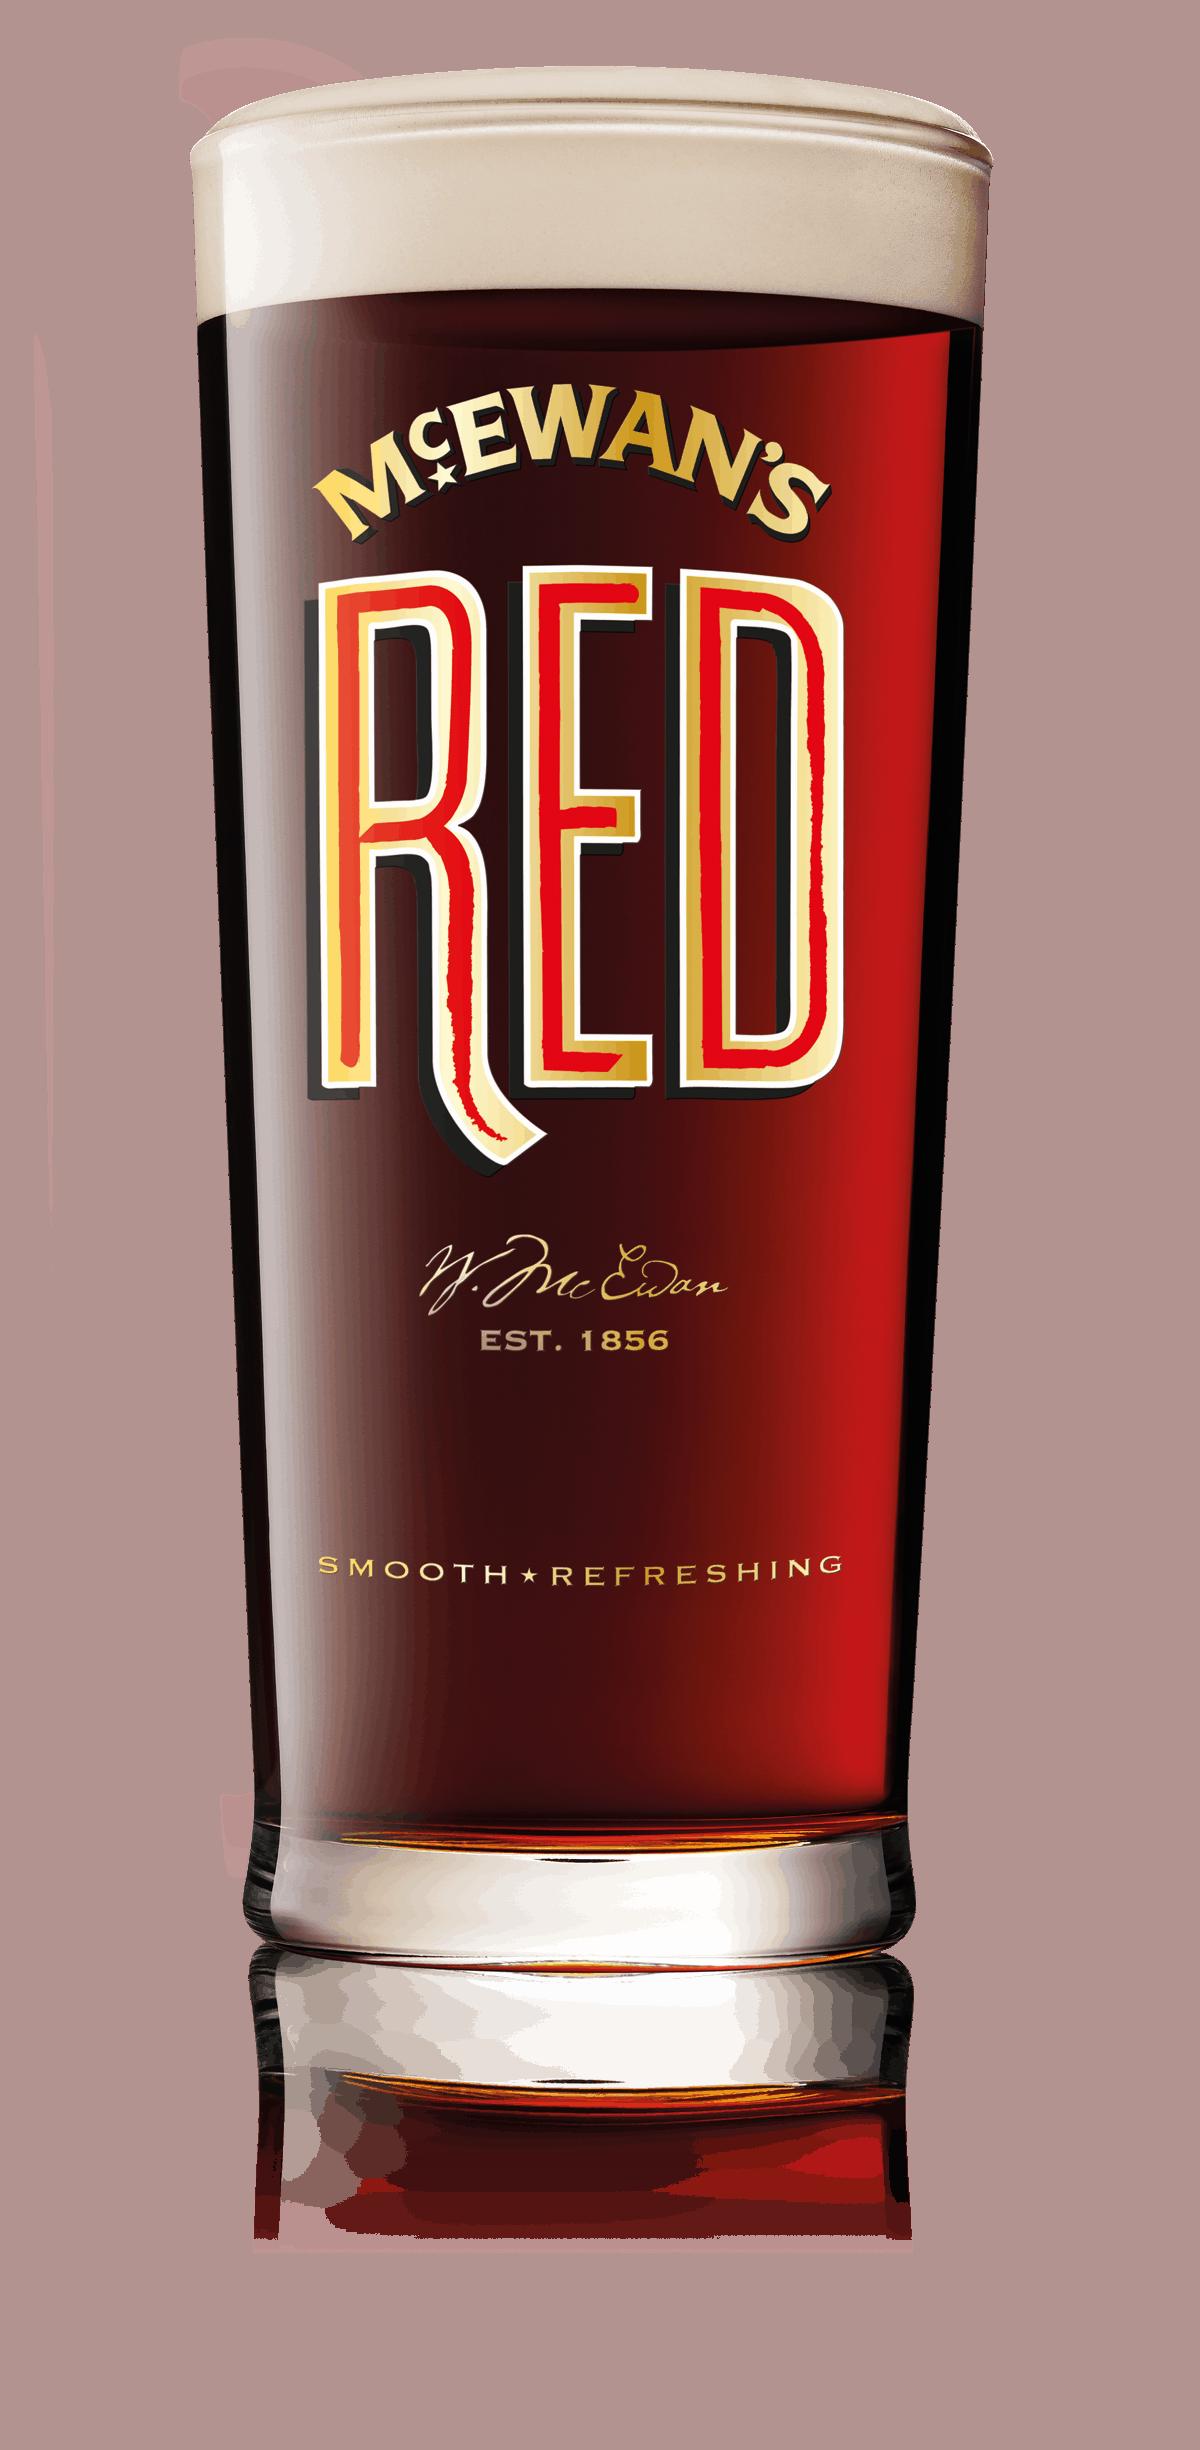 McEwans Red Pint